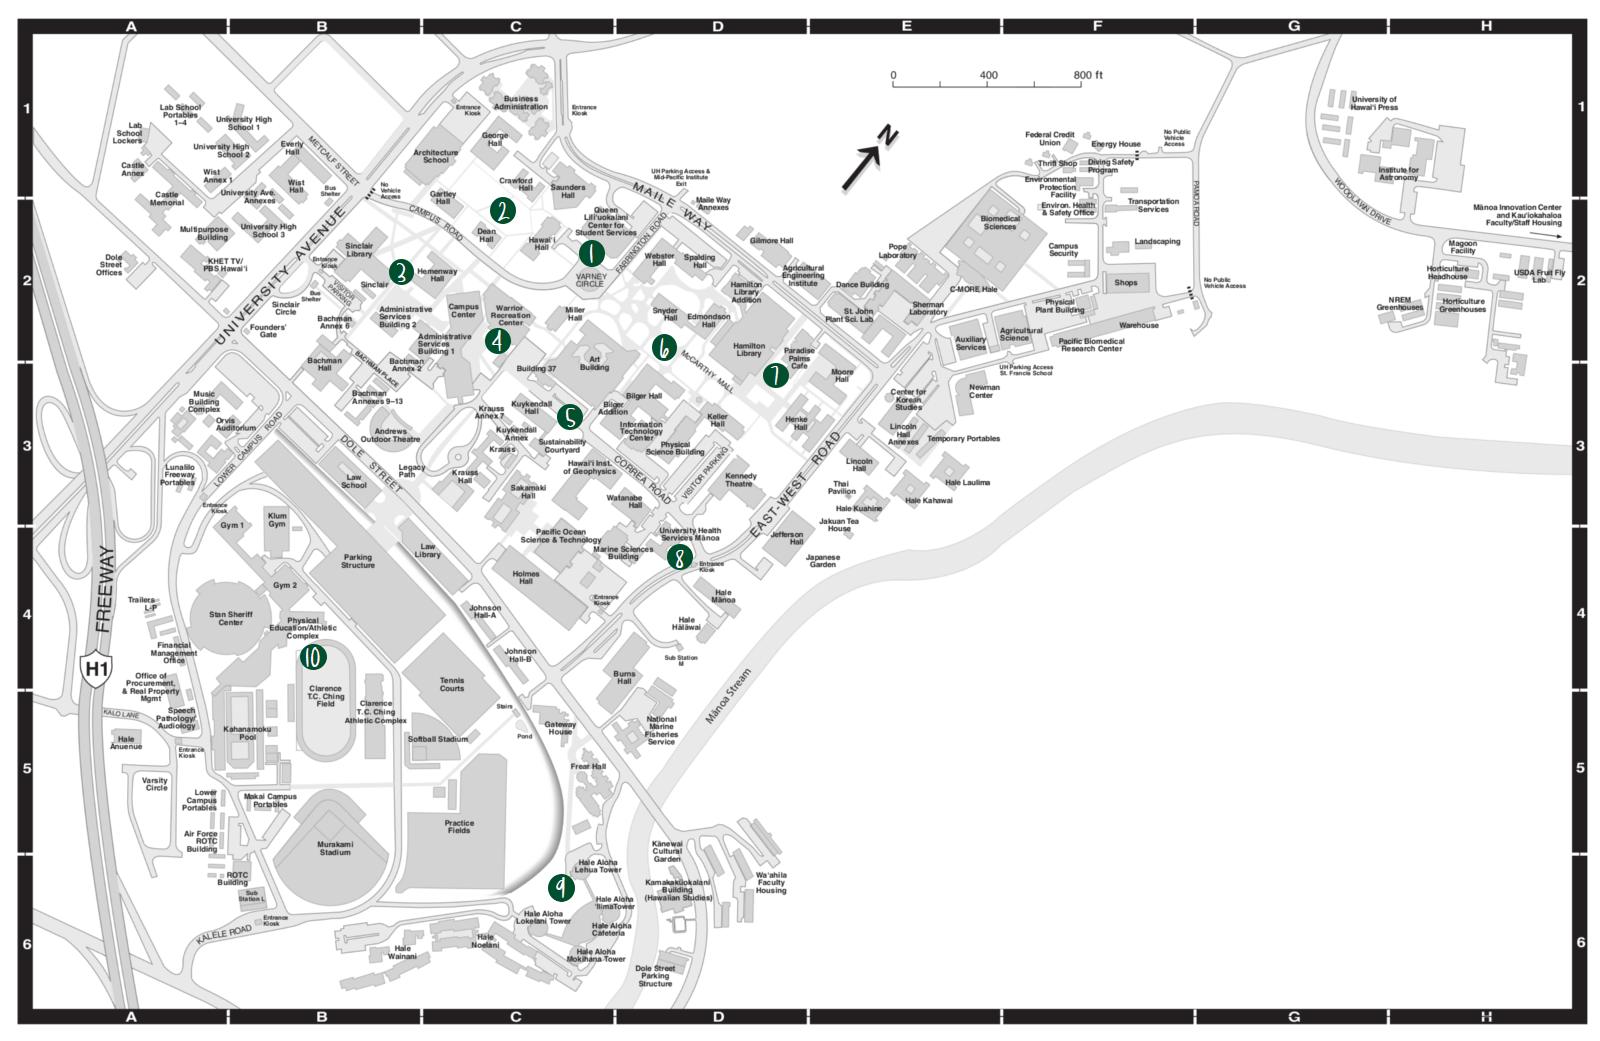 UHM Map